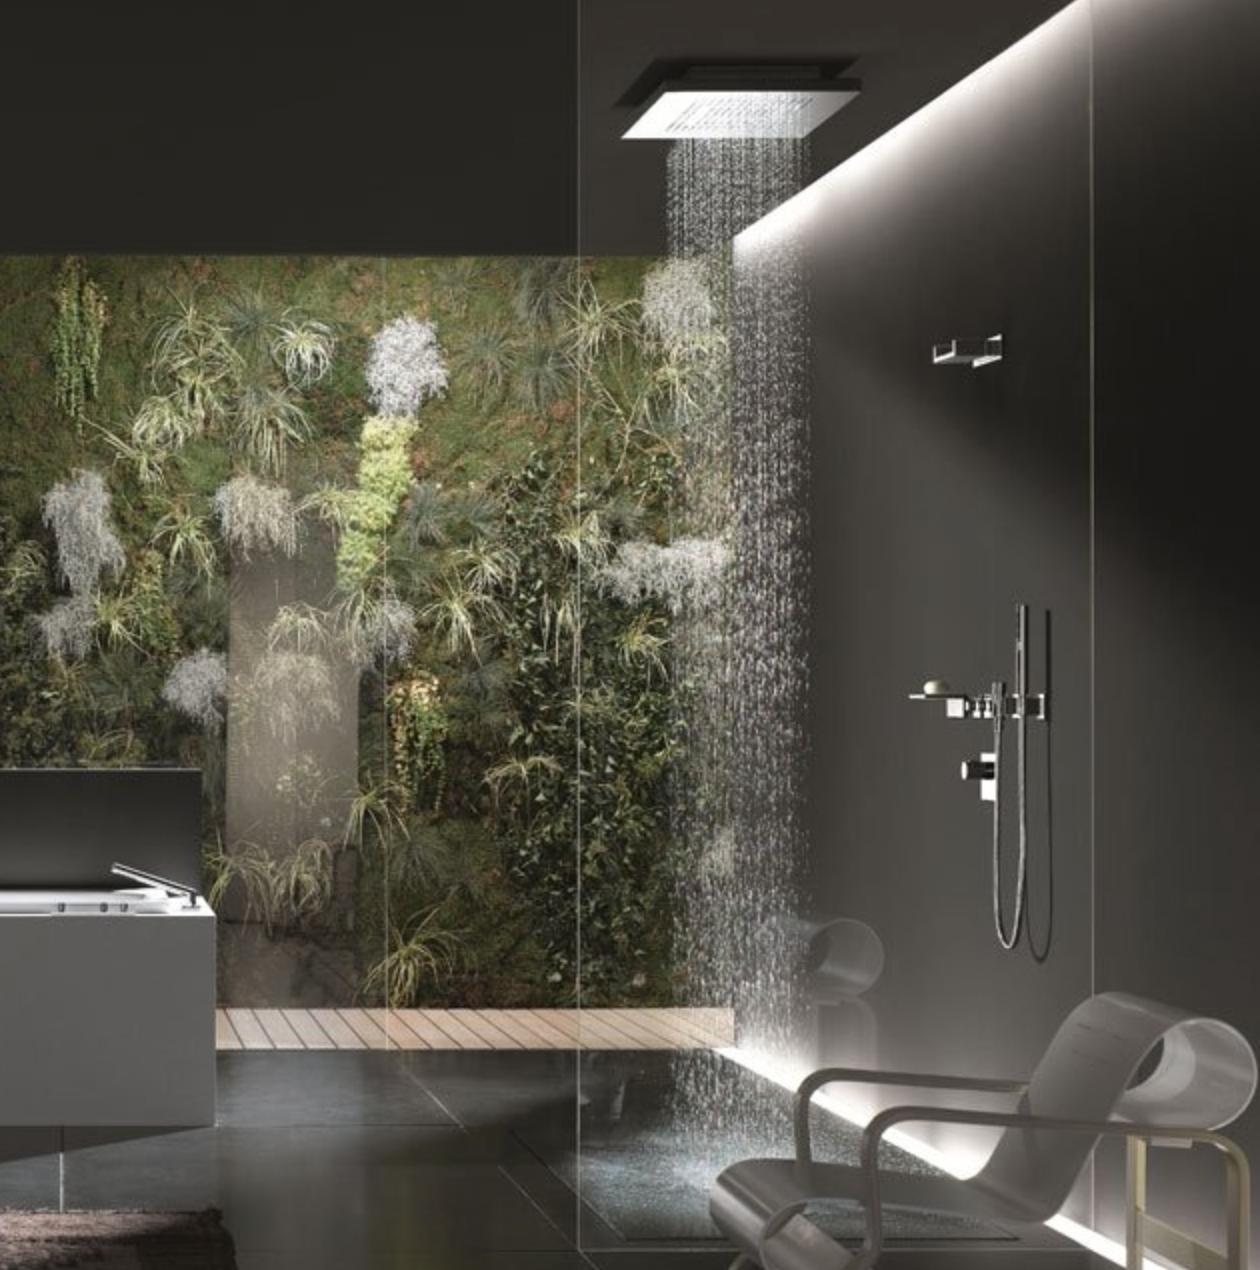 #757C4F Banheiros Modernos decorandoonline 1260x1270 px Banheiros Modernos 2013 793